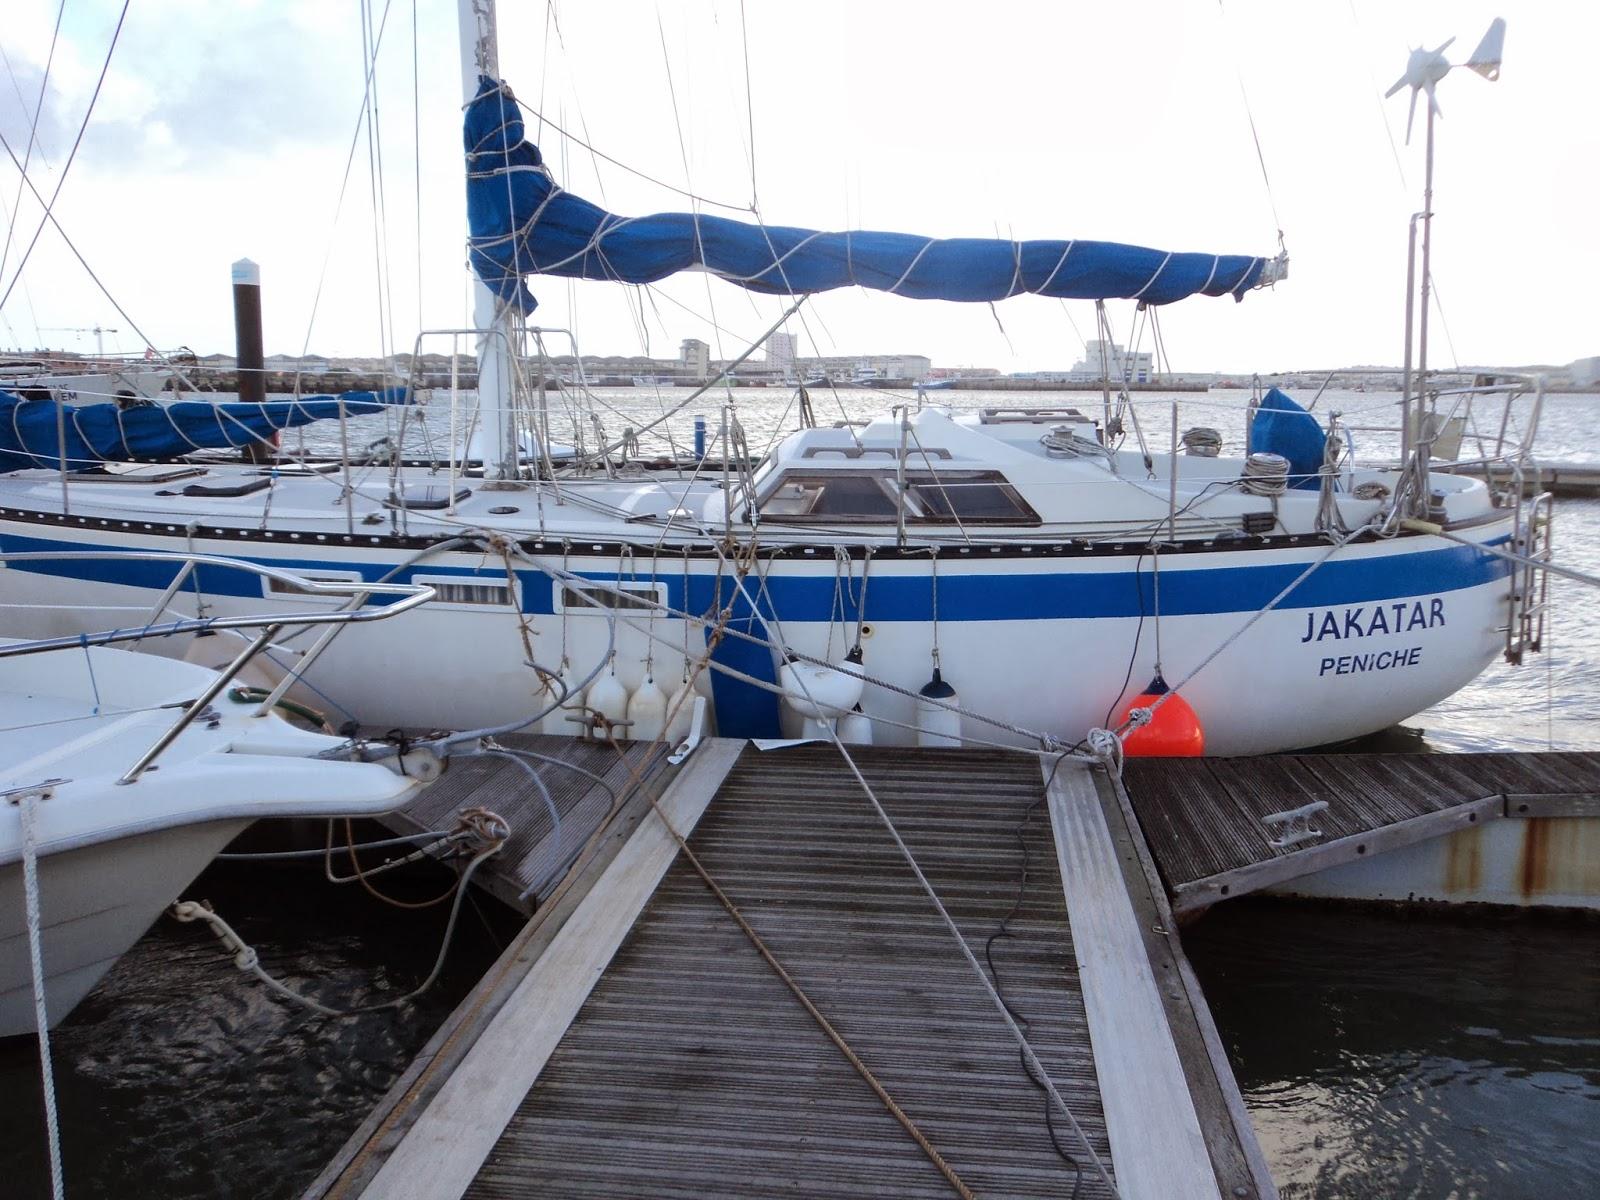 Marina storm preparations